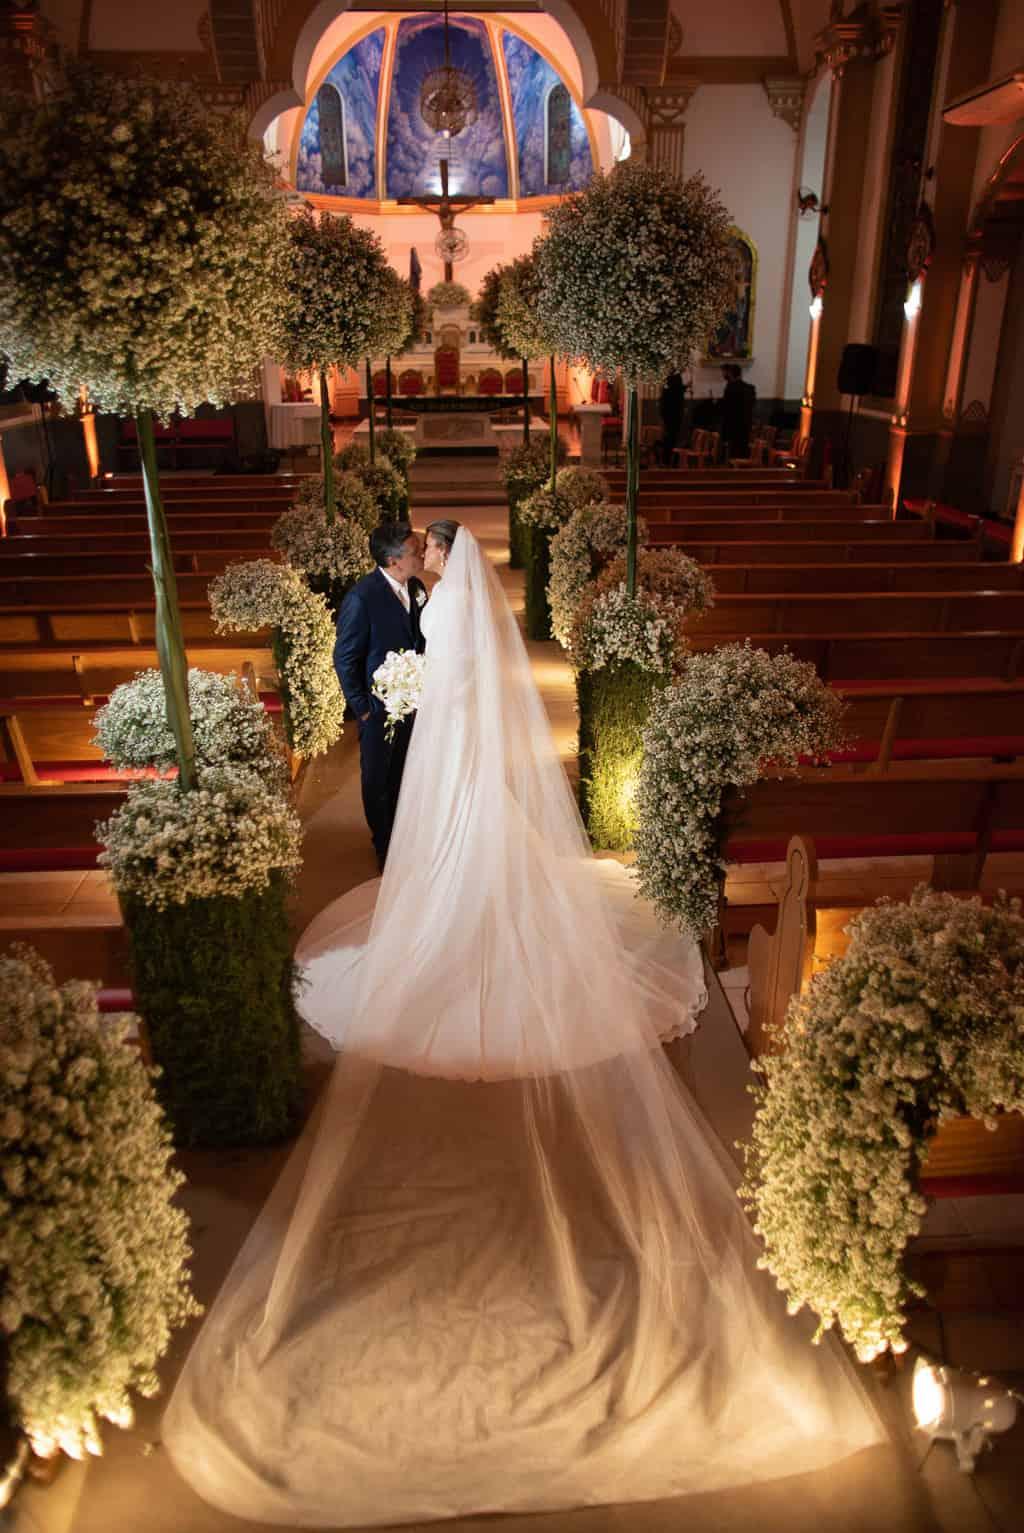 Casamento-Claudia-e-Afonso-Golden-Class-Regina-Aoki-Eurides-Aoki-Carol-Rezek-Renata-Velloso-36